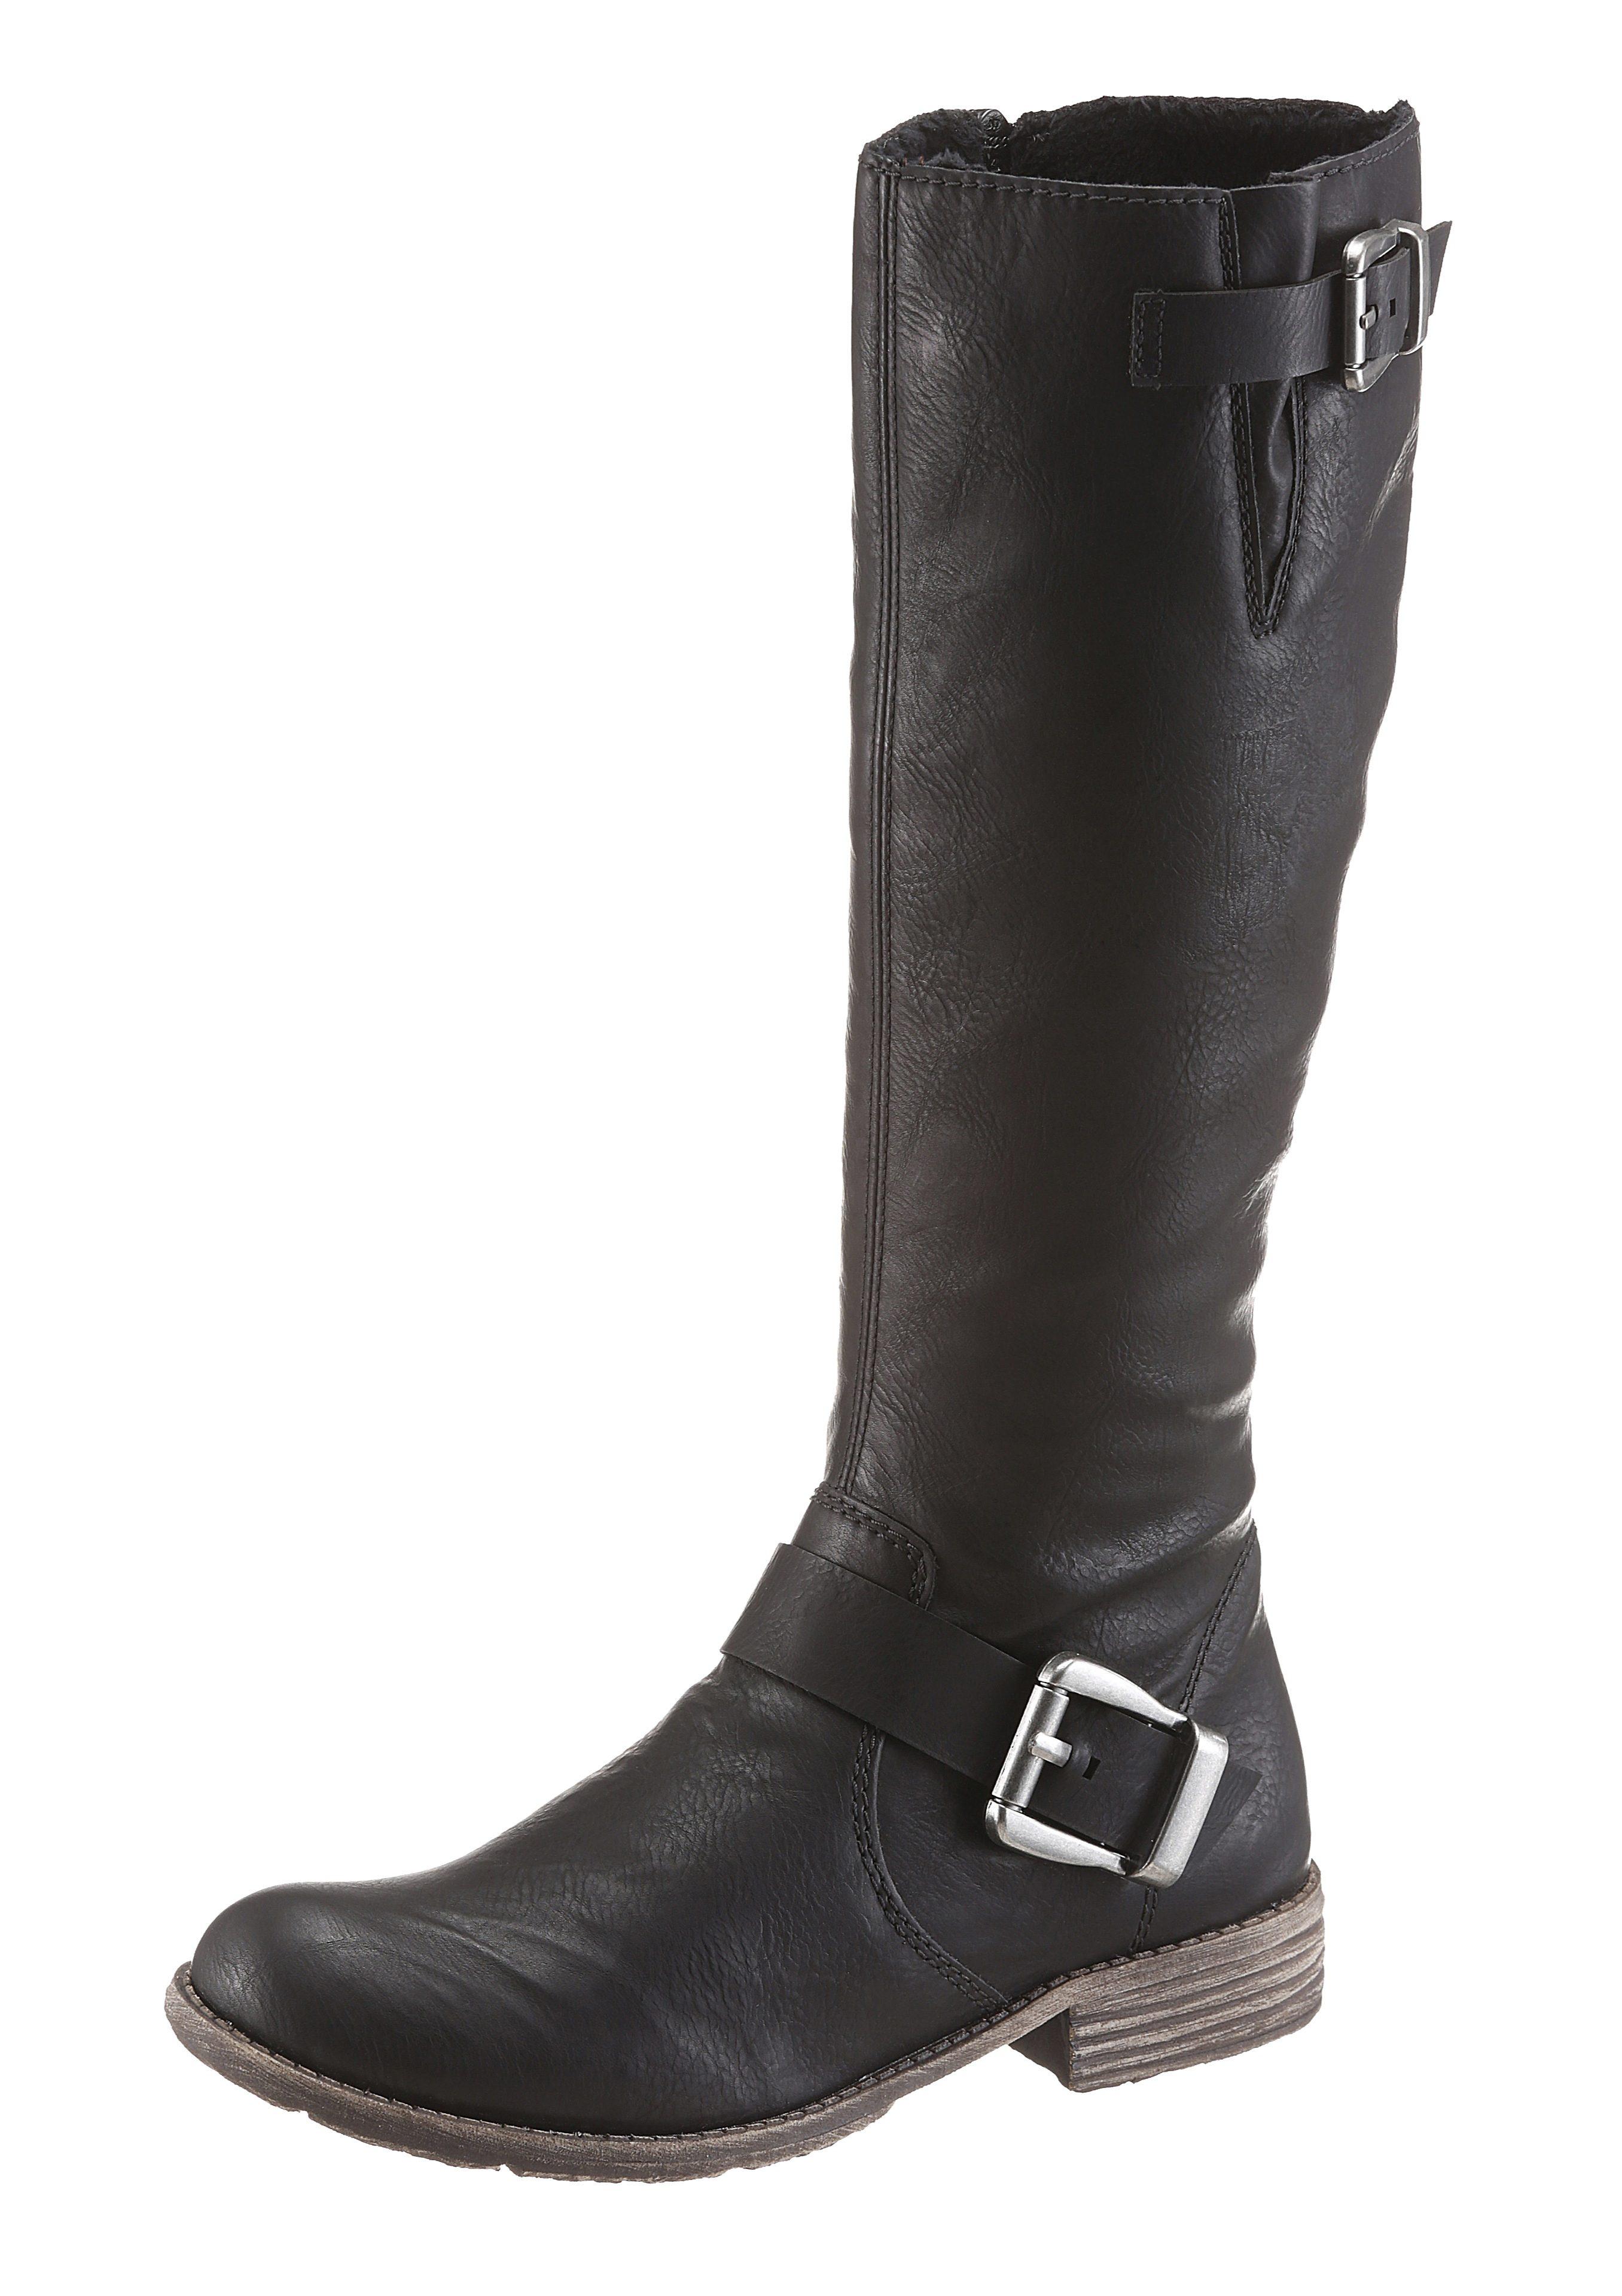 new concept b8d78 b7747 Rieker Stiefel online kaufen | BAUR